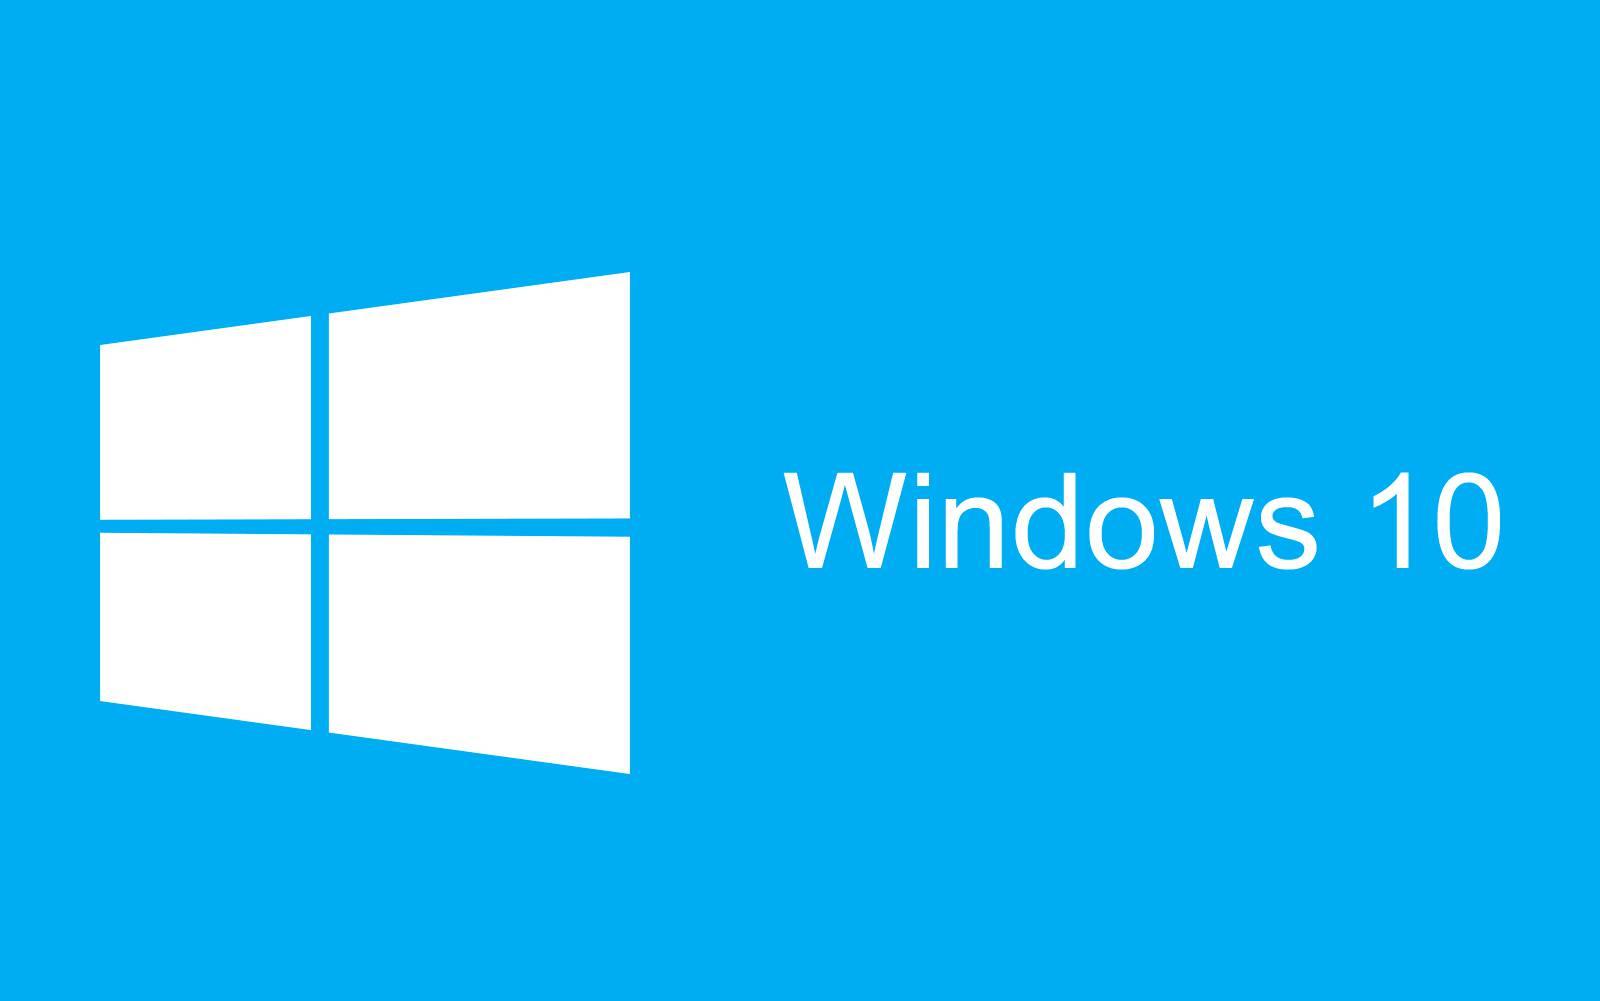 Windows 10 PROBLEME Noi cu Actualizarea Lansata Recent